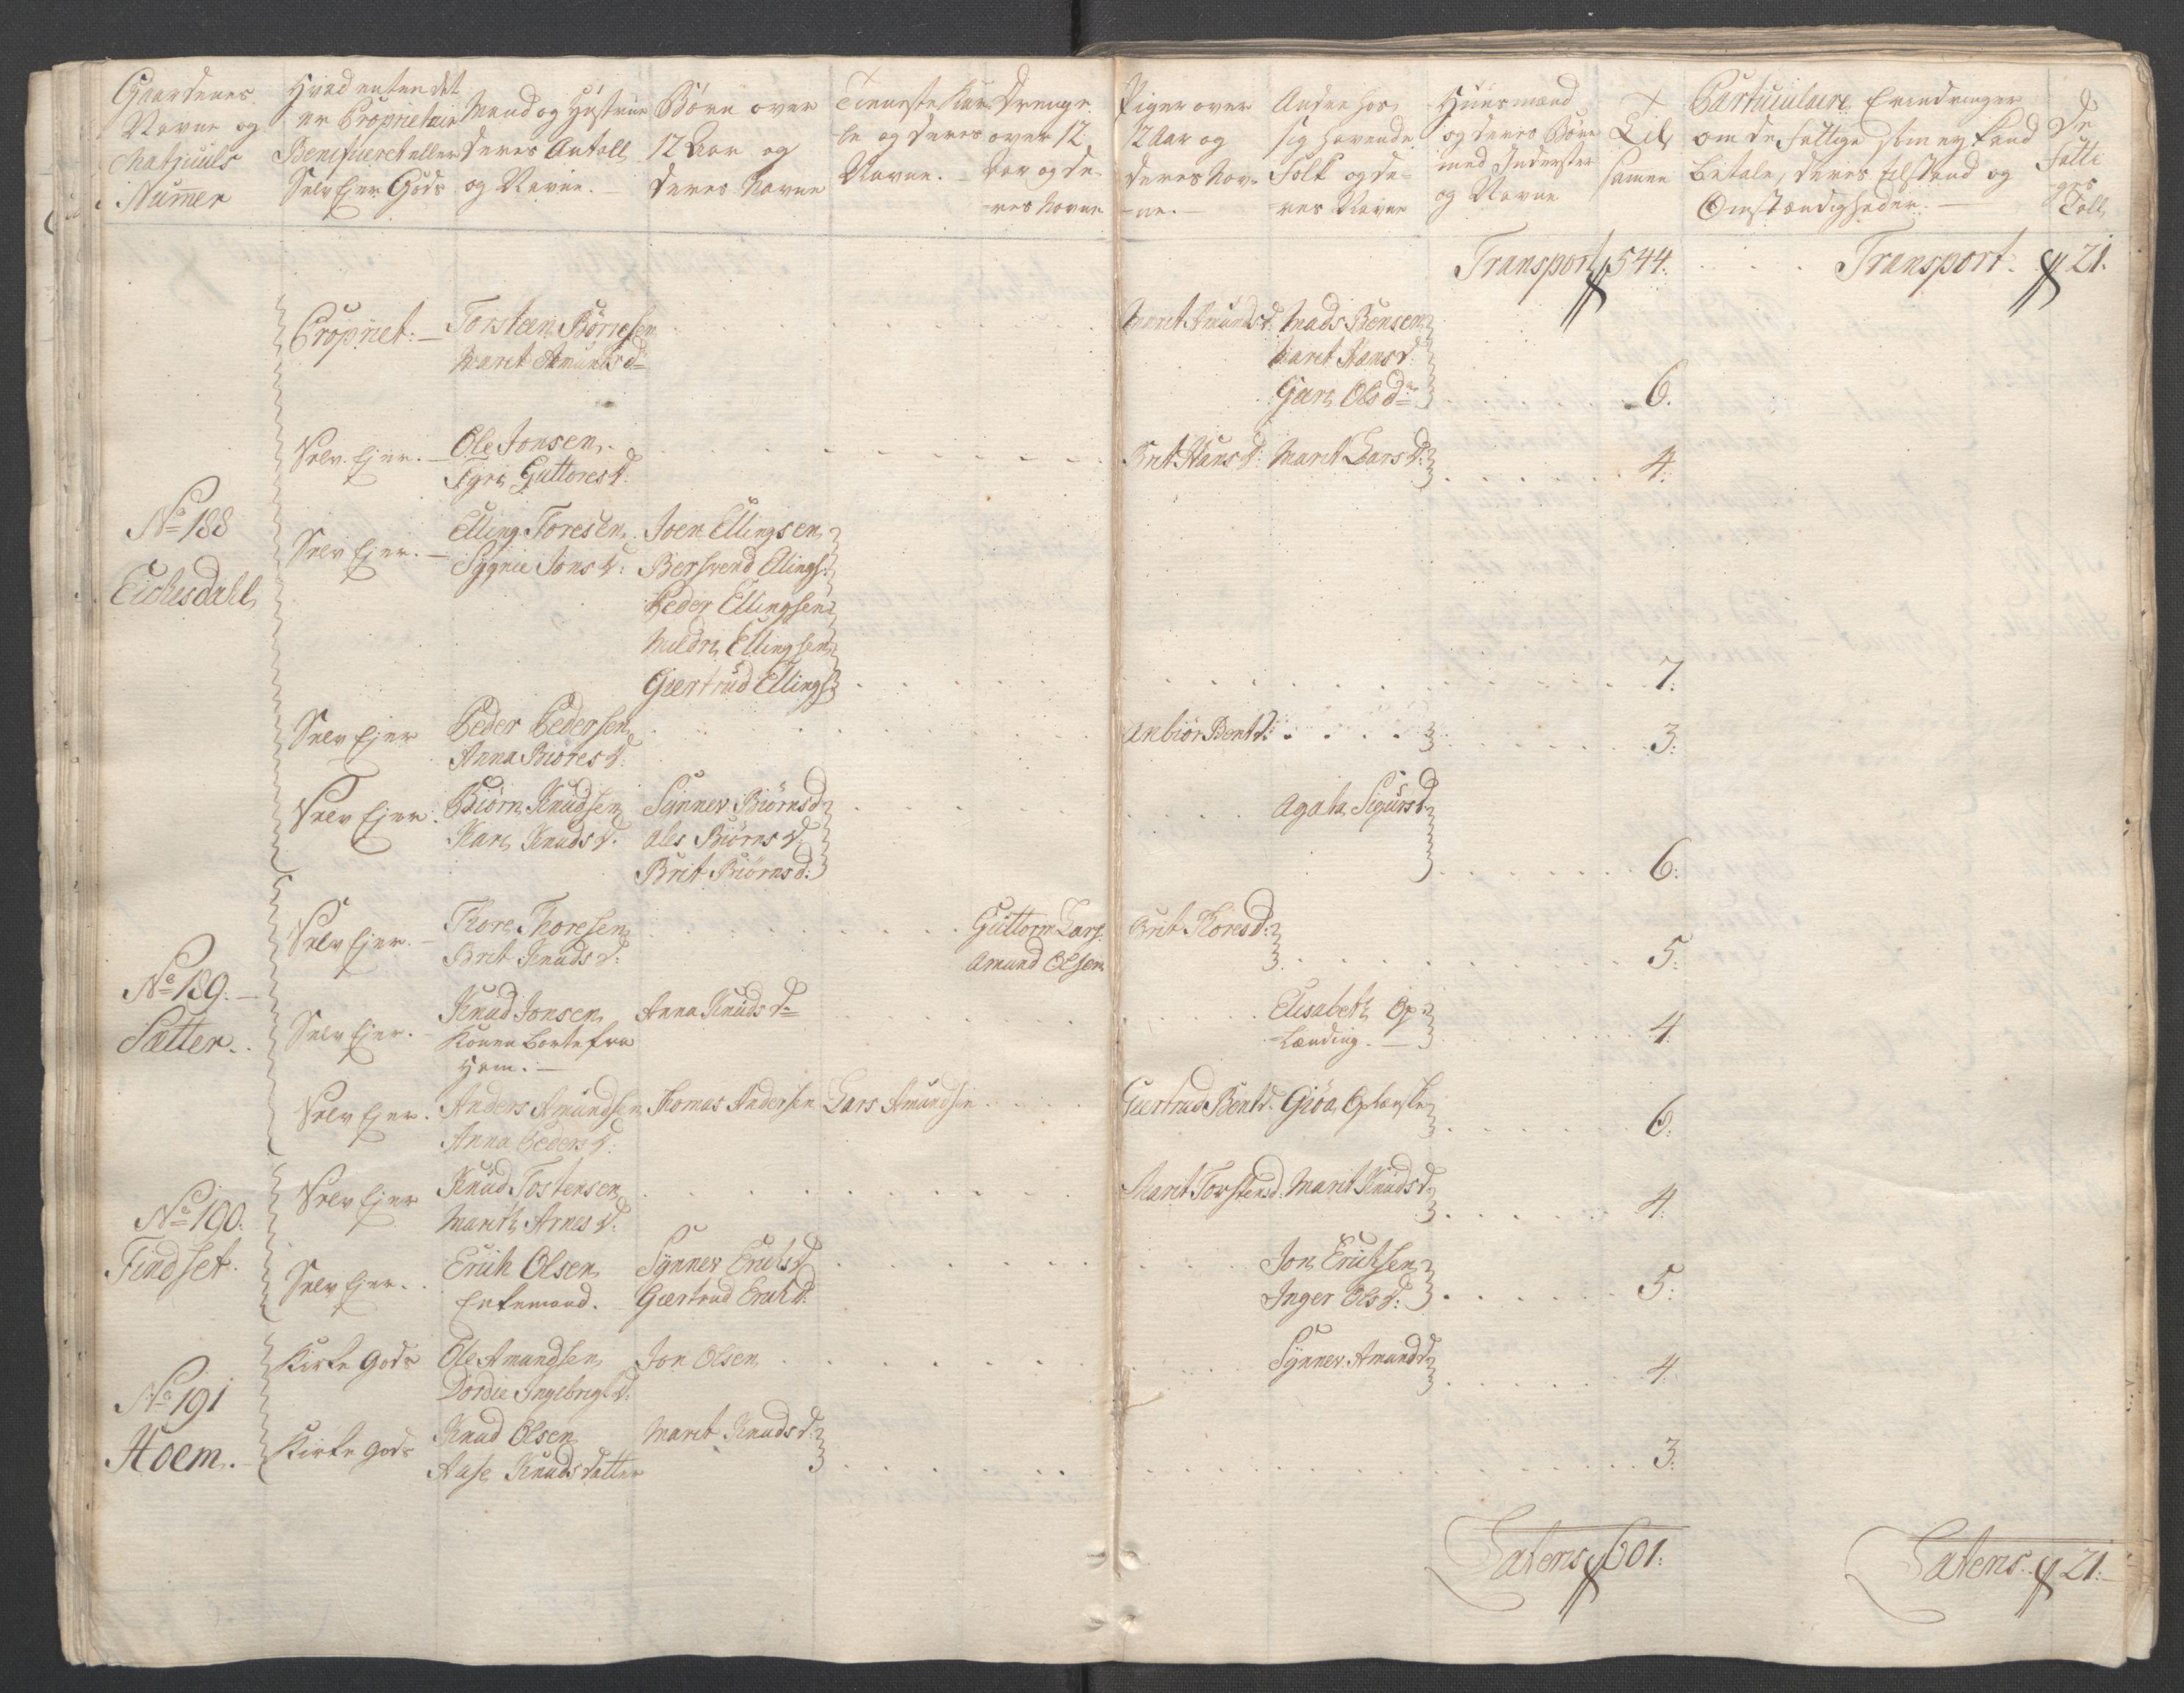 RA, Rentekammeret inntil 1814, Reviderte regnskaper, Fogderegnskap, R55/L3730: Ekstraskatten Romsdal, 1762-1763, s. 34